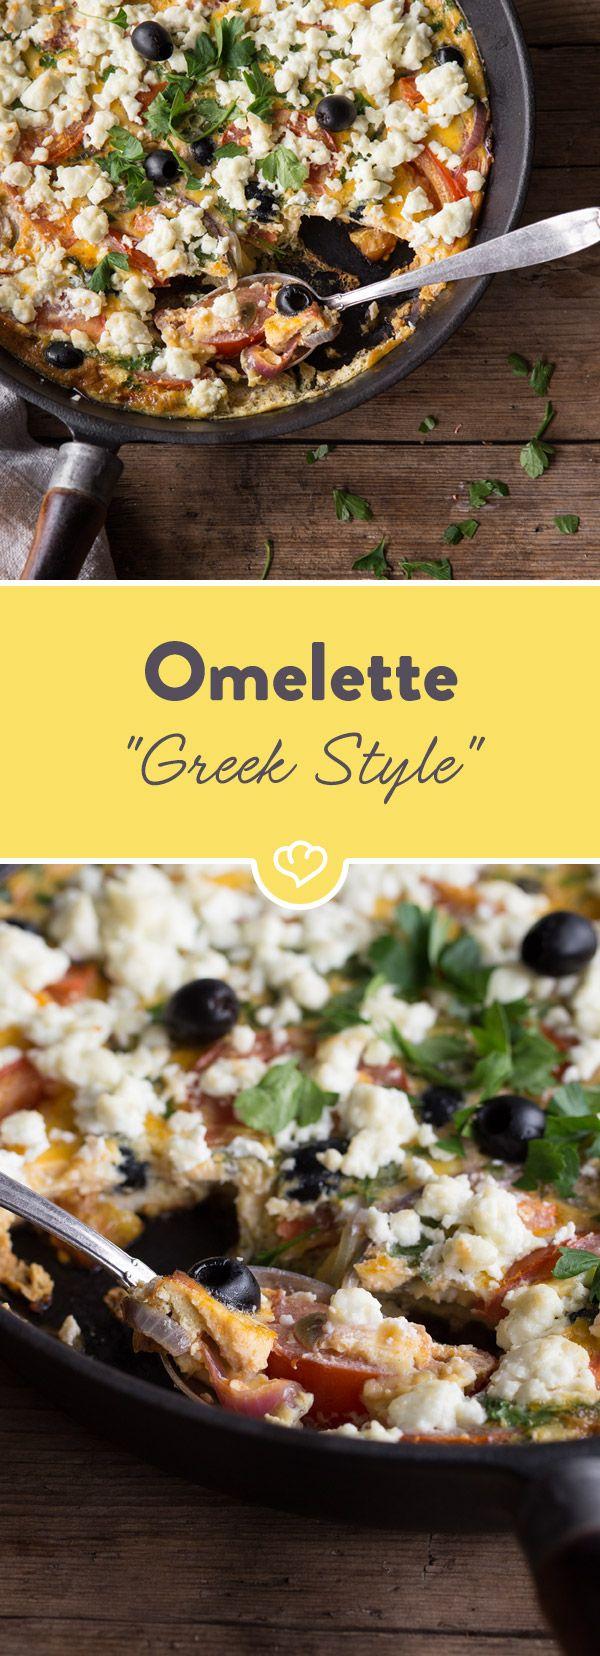 Tomaten, rote Zwiebeln, schwarze Oliven, Feta und Eier dazu - fertig ist dein schnelles Feierabend-Omelette Greek Style, dass nach Mittelmeer schmeckt!